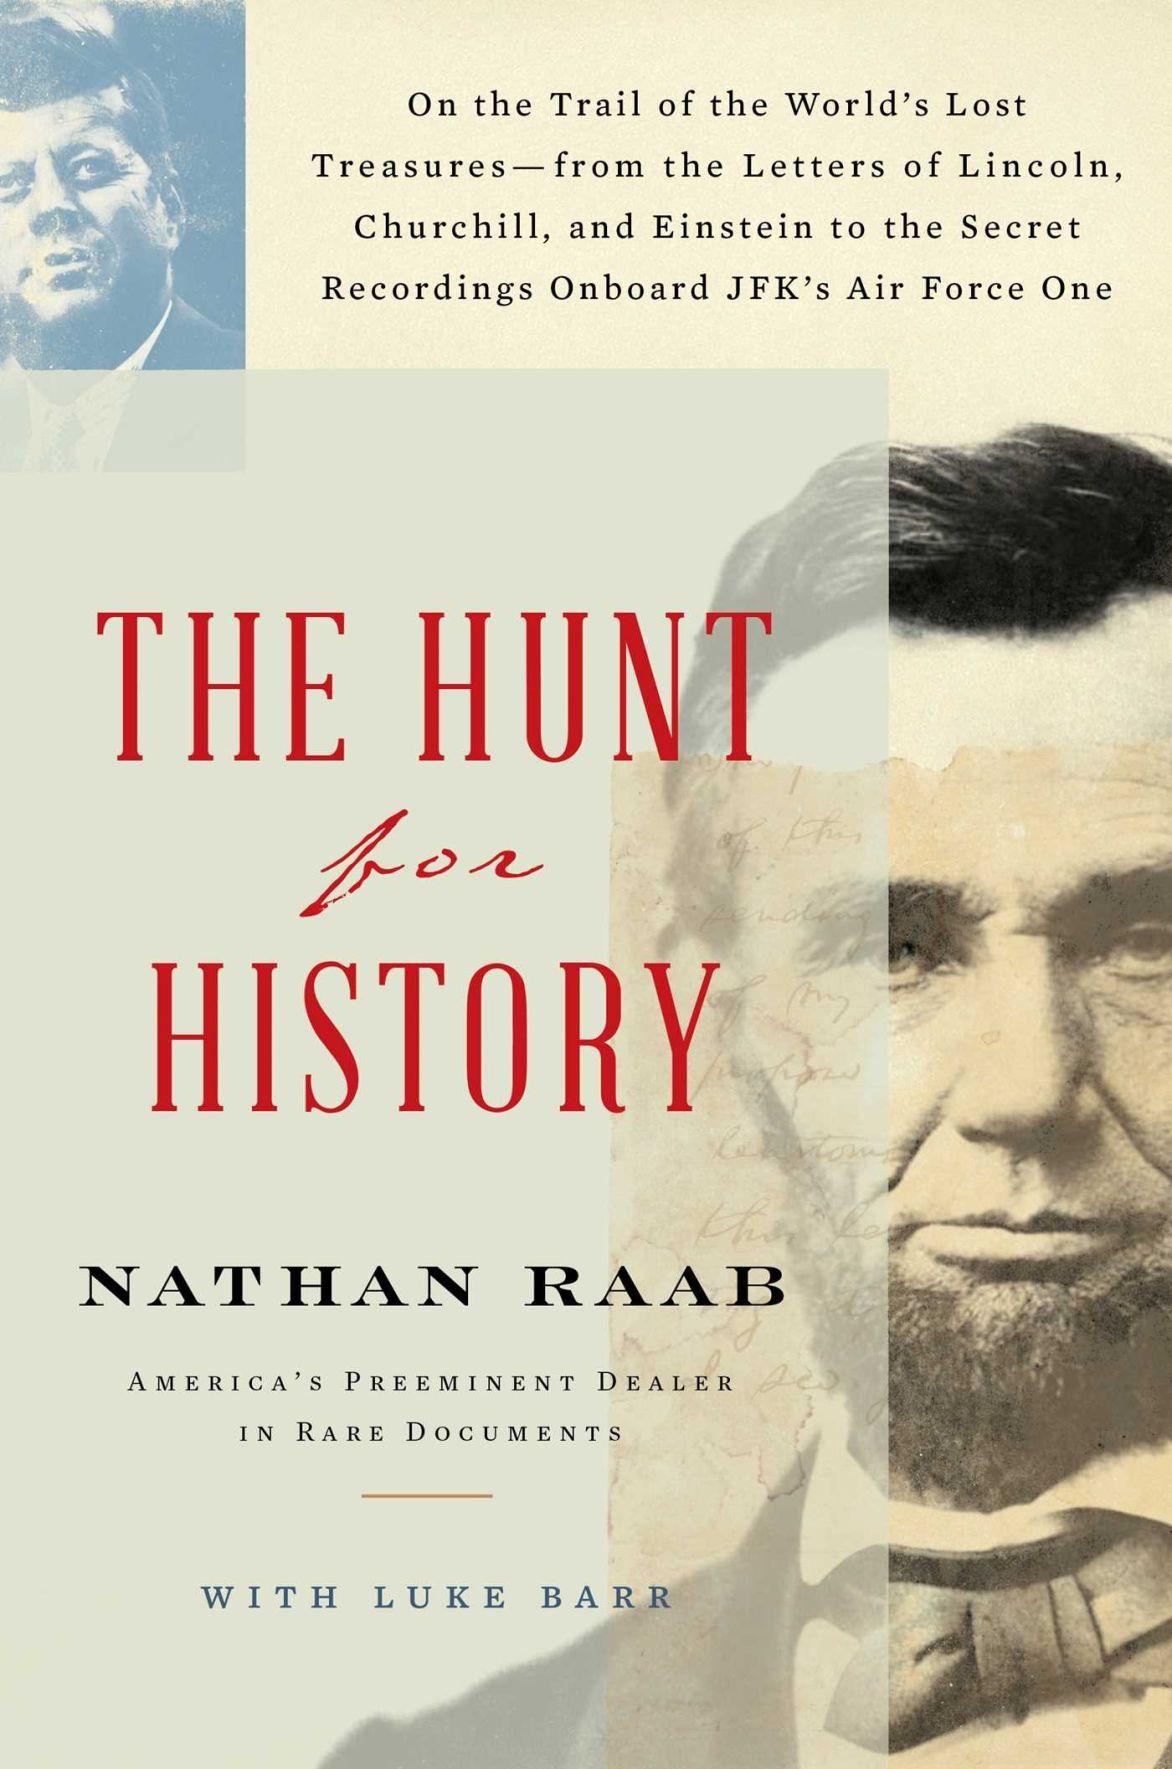 Raab's latest speaks to treasure hunters inside us all